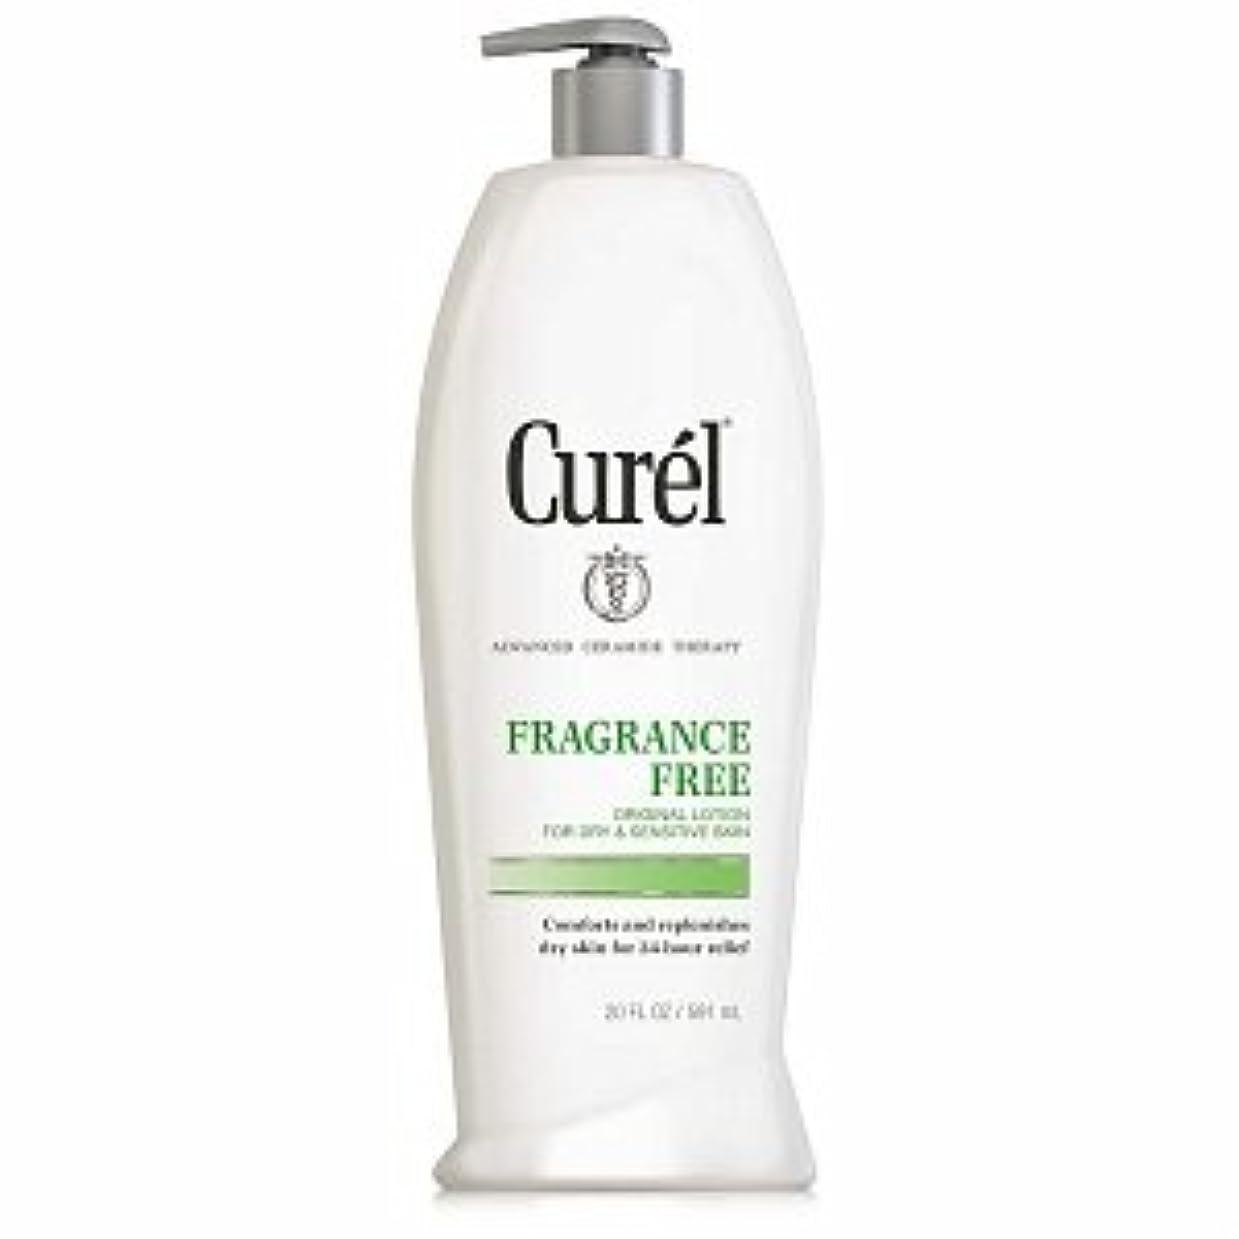 魅力的であることへのアピール重要な役割を果たす、中心的な手段となる自然Curel Fragrance Free Original Lotion For Dry&Sensitive Skin - 13 fl oz ポンプ式